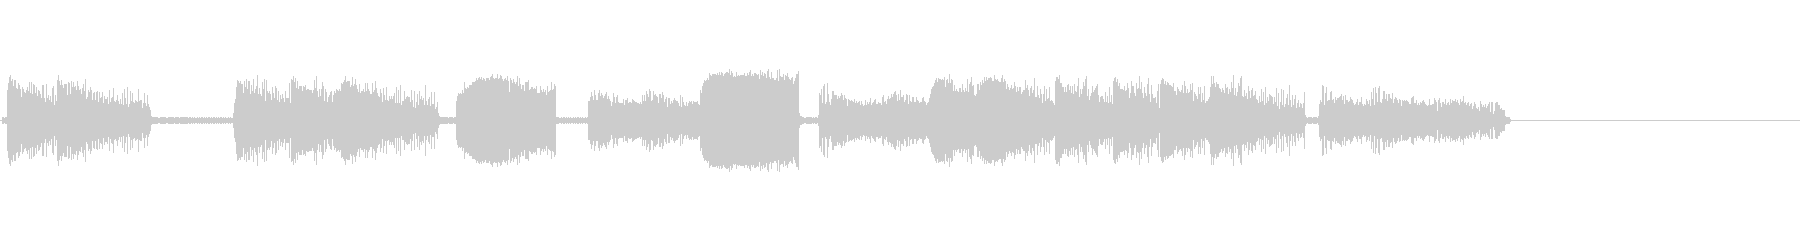 レーザー、アーケード8の未再生の波形